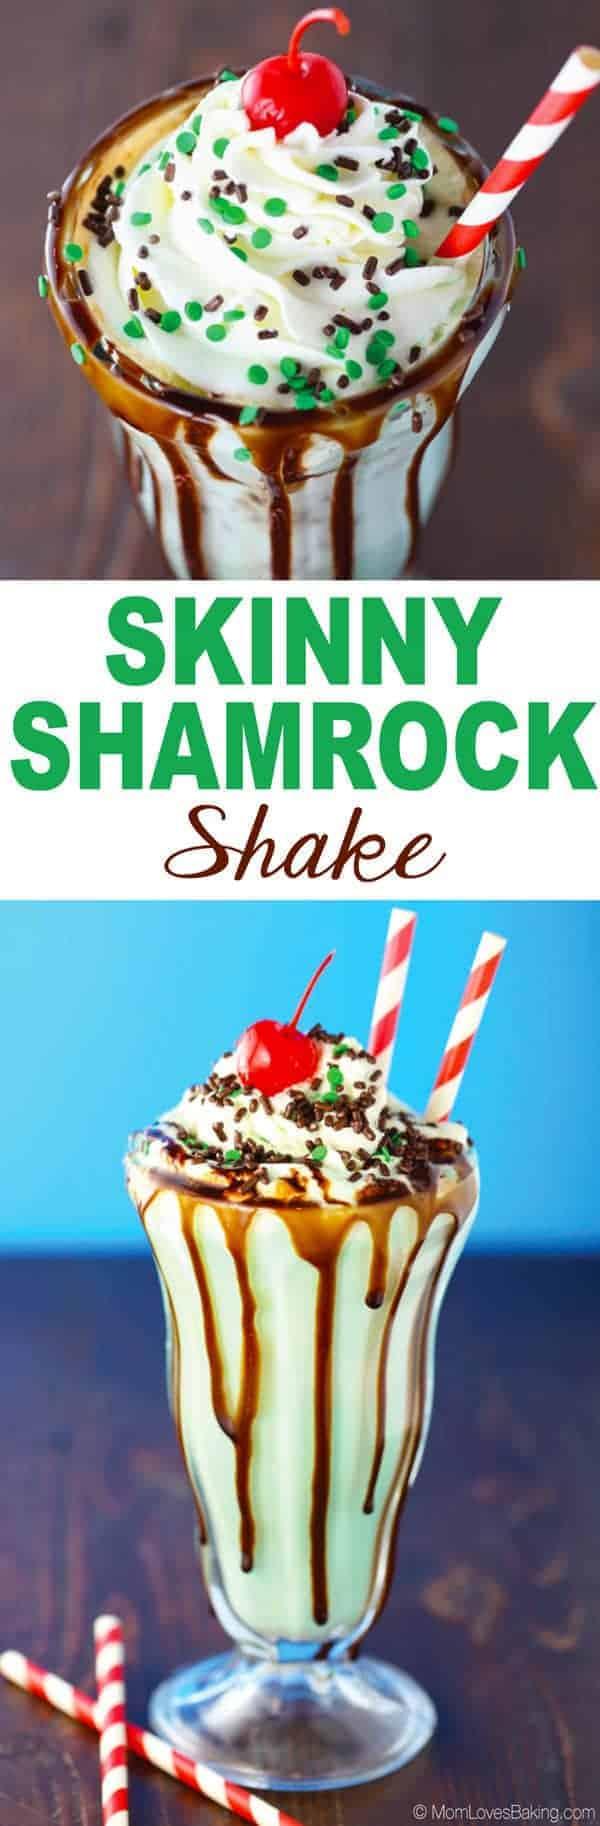 Skinny Shamrock Shake